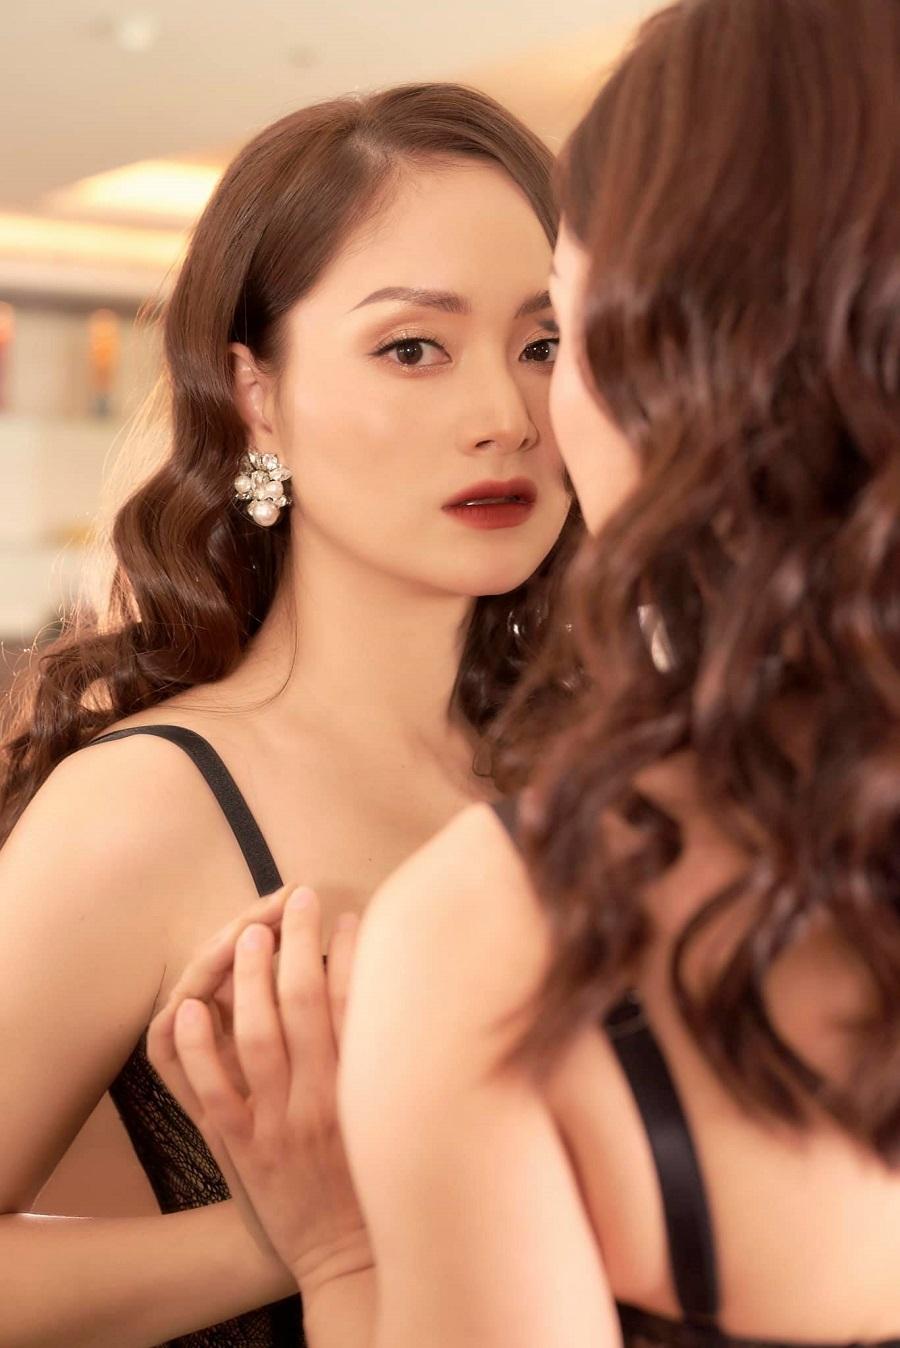 Hồ Ngọc Hà,Kim Lý,Mai Phương Thúy,Tú Vi,Võ Hoàng yến,Lan Phương